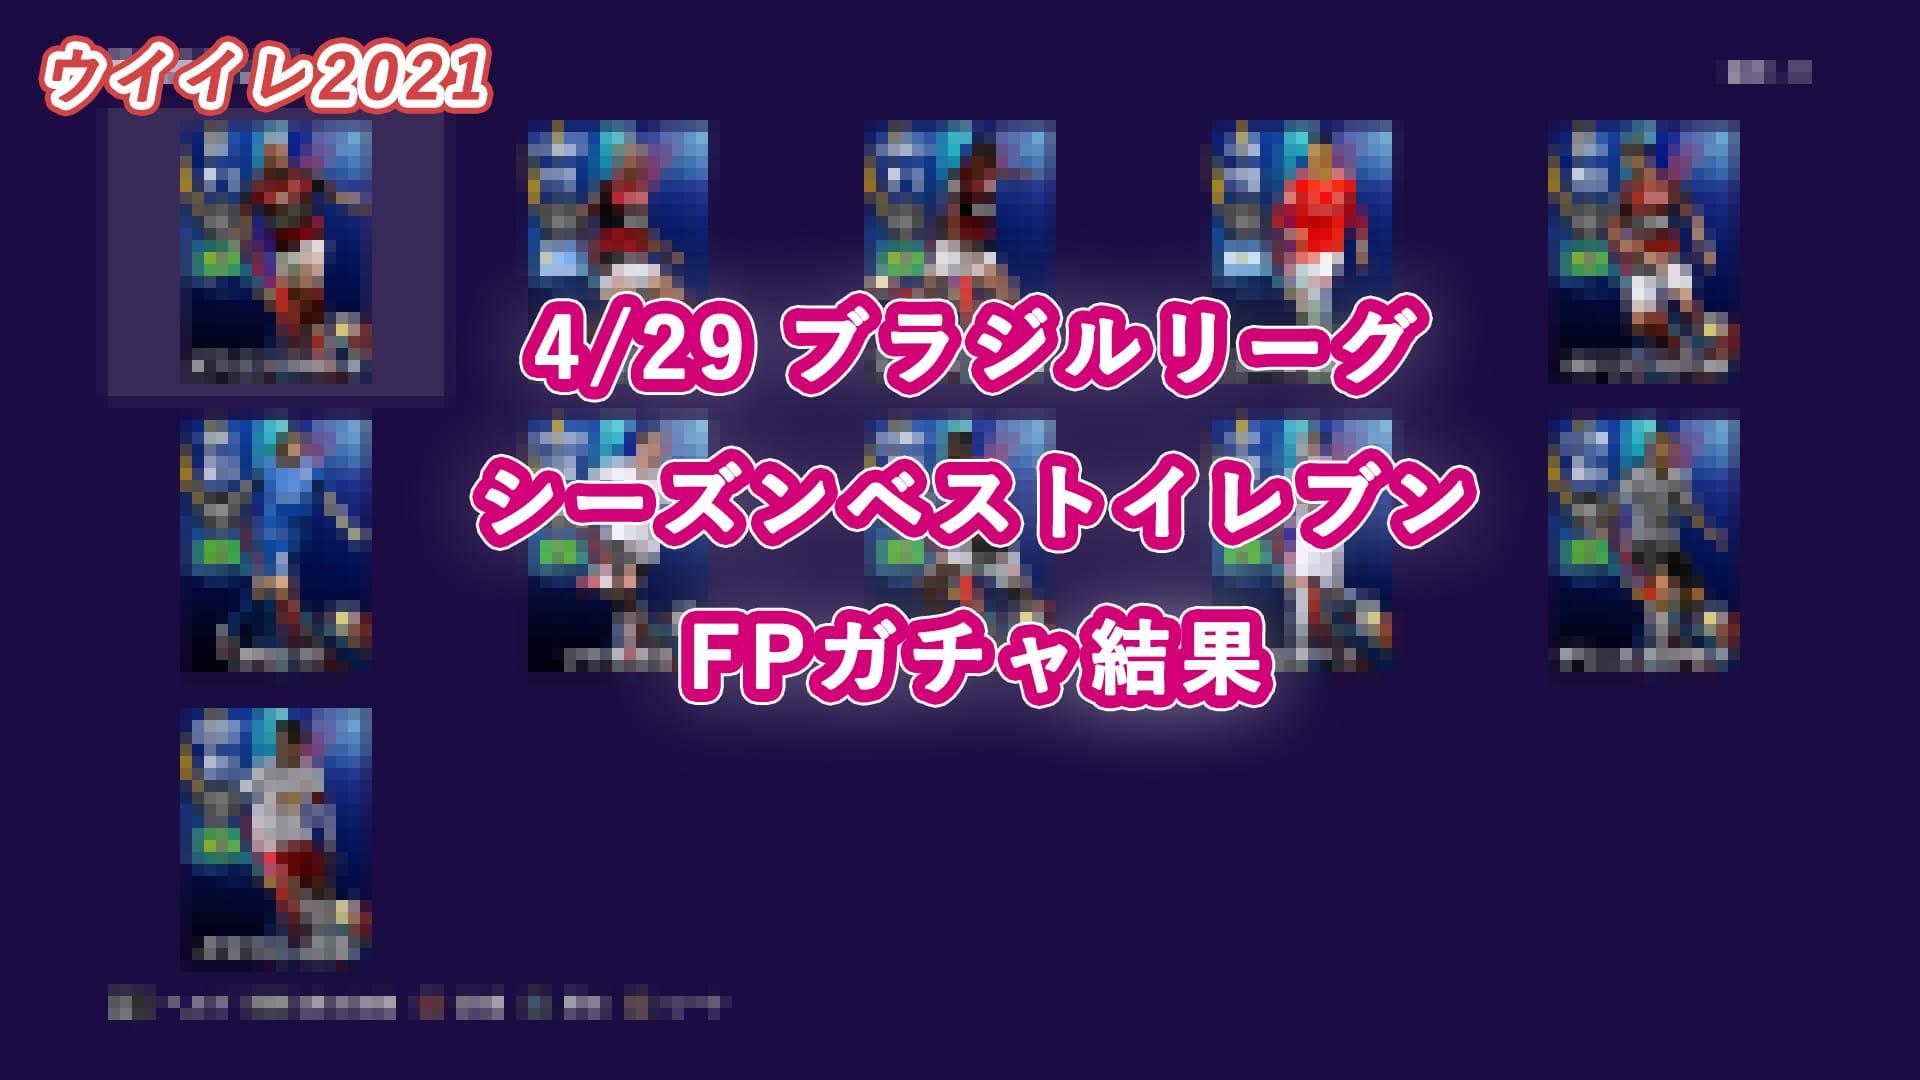 【ウイイレ2021】4/29 ブラジルリーグシーズンベスト11FPガチャ結果